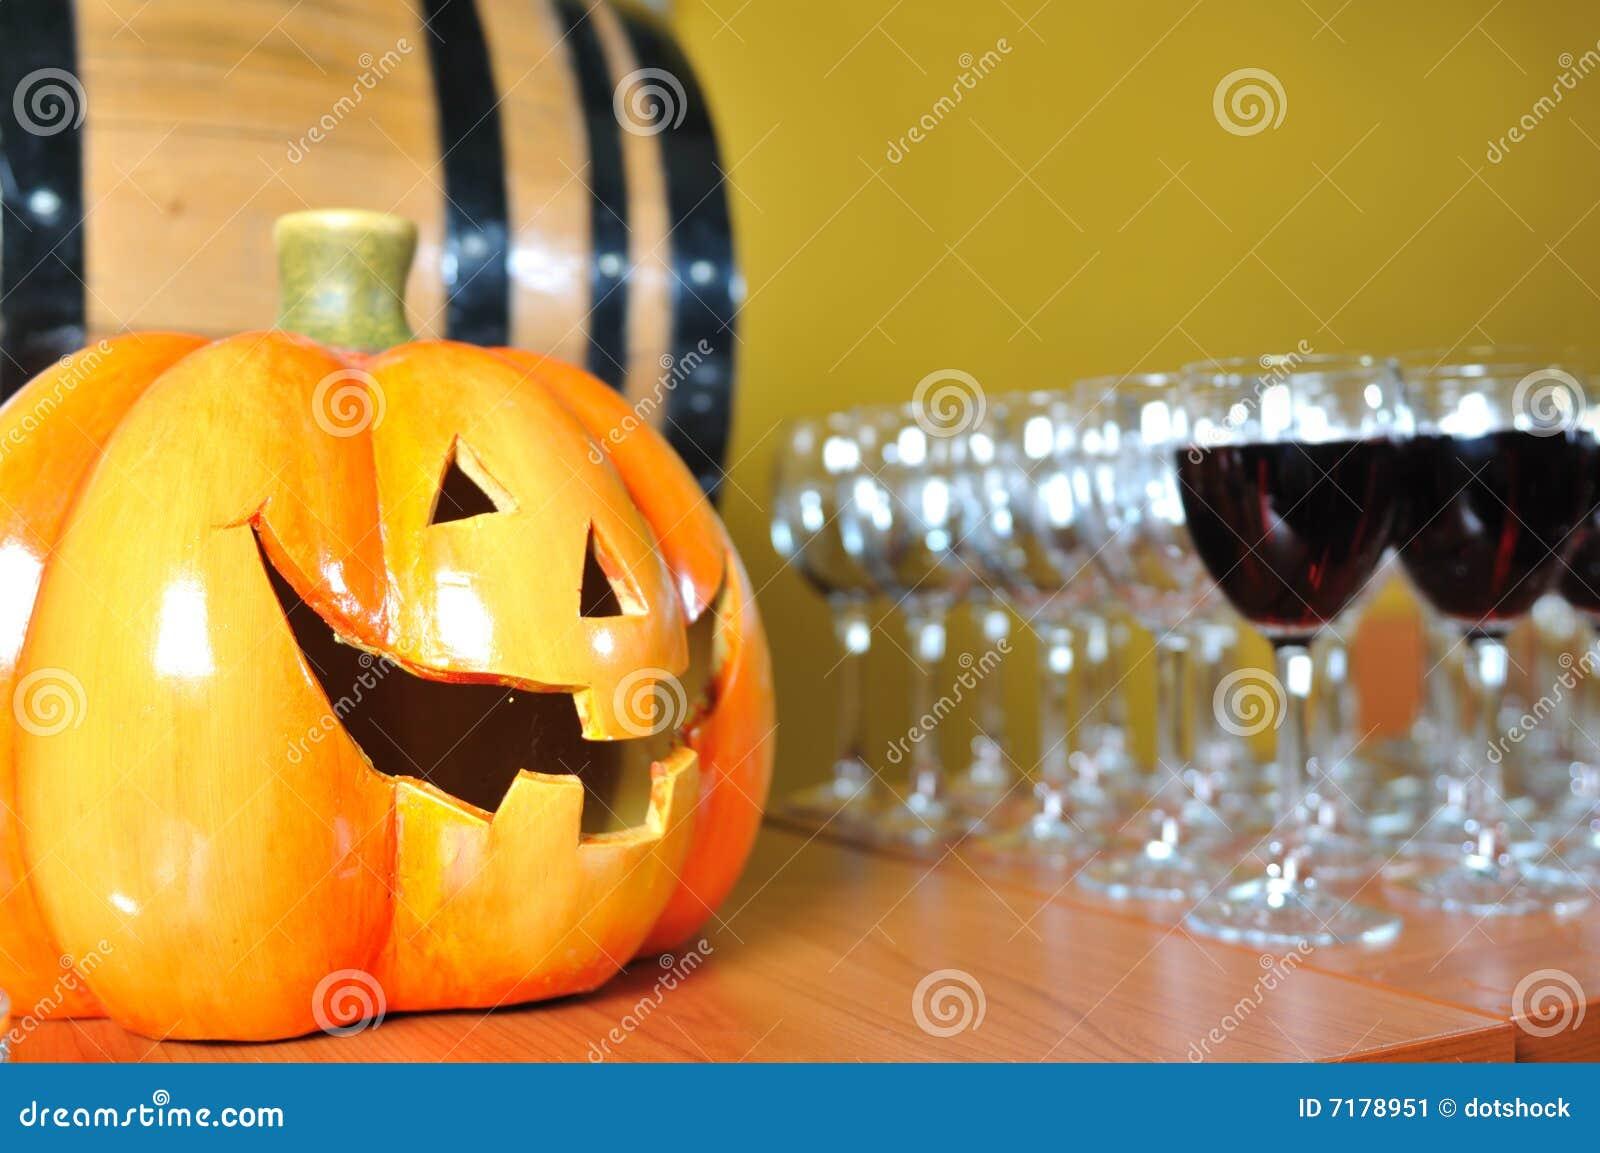 Γυαλιά κολοκύθας και κρασιού συμβαλλόμενων μερών Helloween